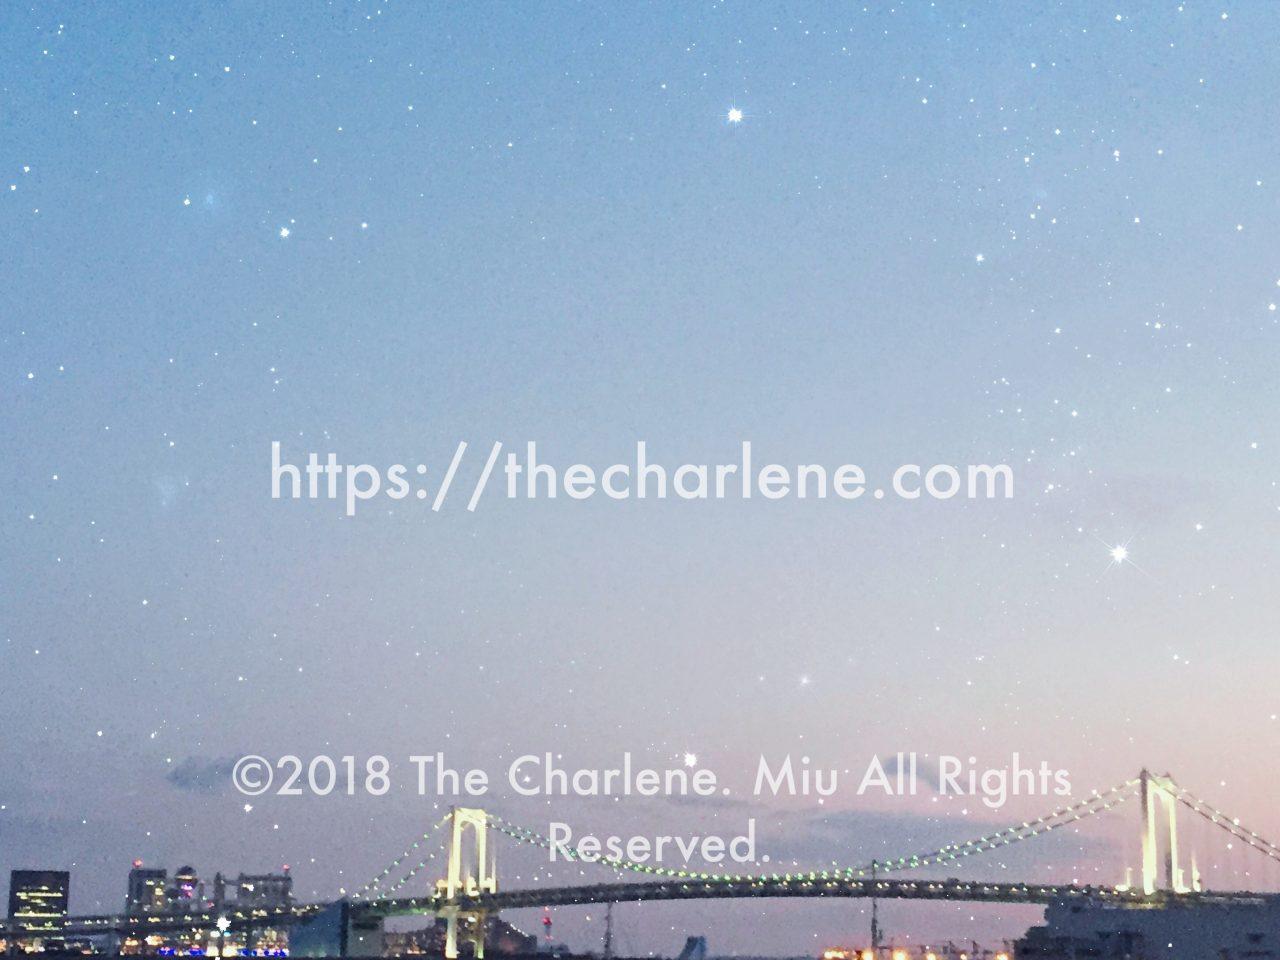 永遠のありか©2018 The Charlene. Miu All Rights Reserved.